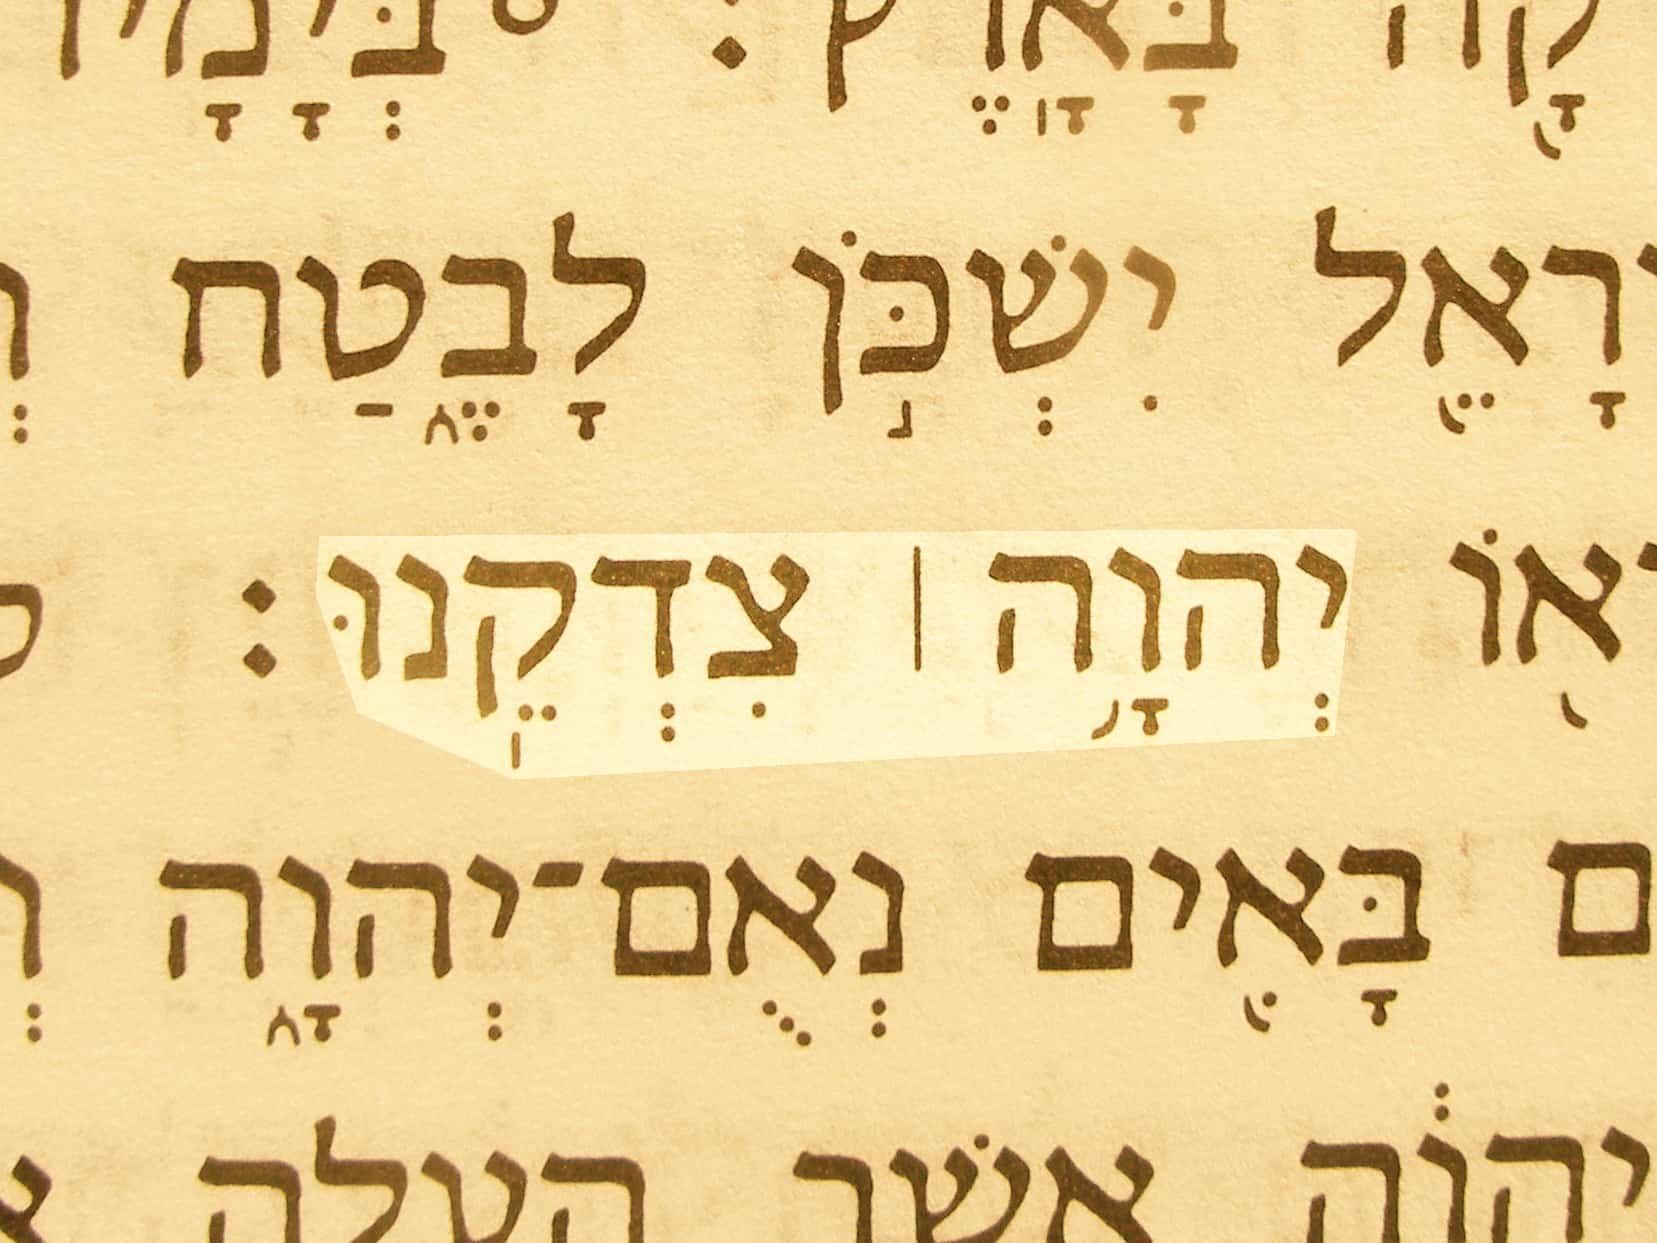 Jehovah tsidkenu - a biblical name of God